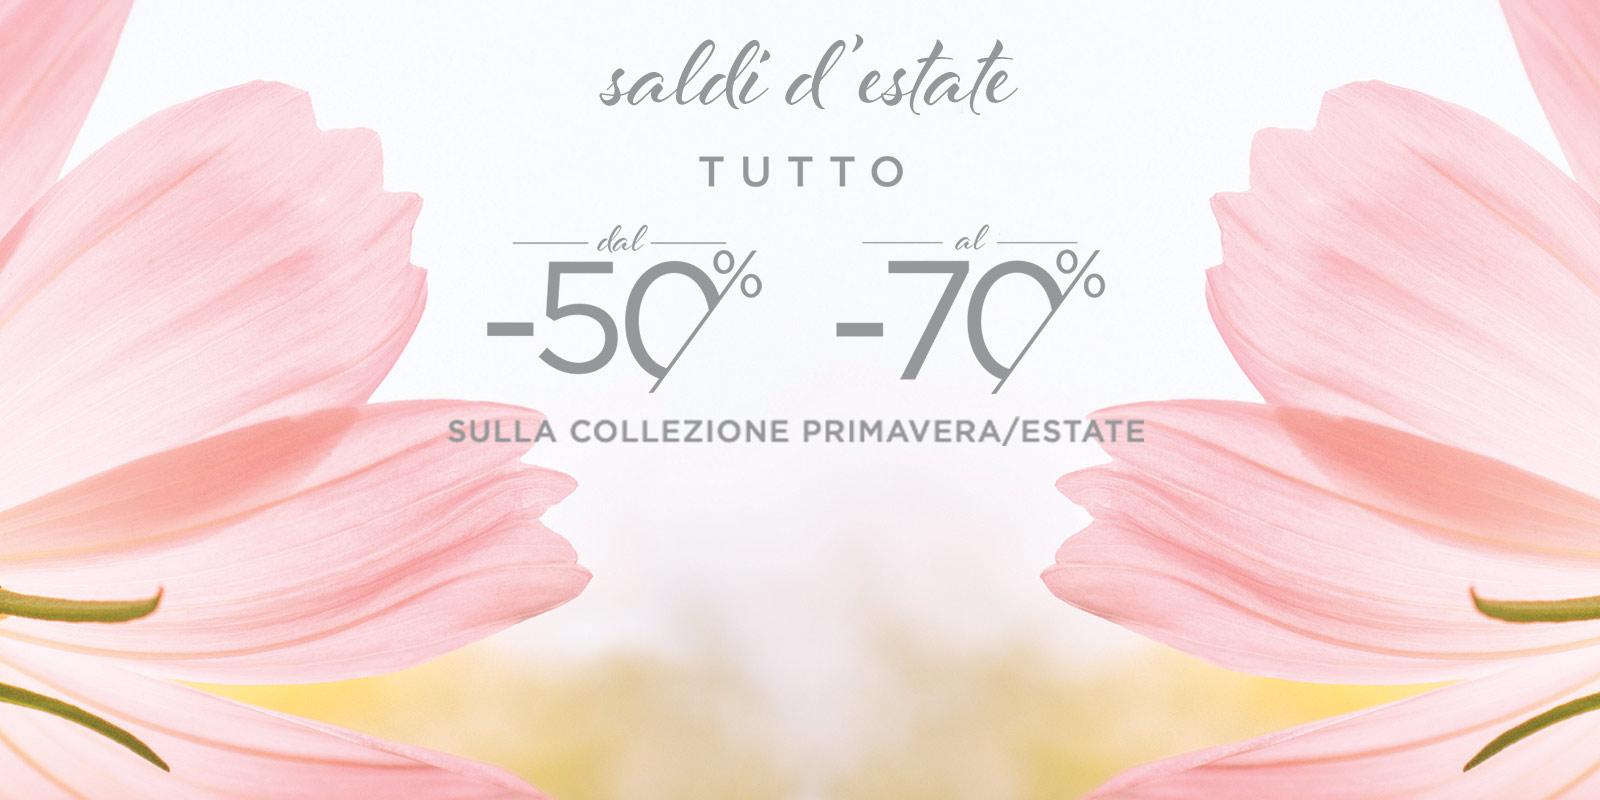 Oltre: saldi collezione primavera estate TUTTO DAL -50% al -70%